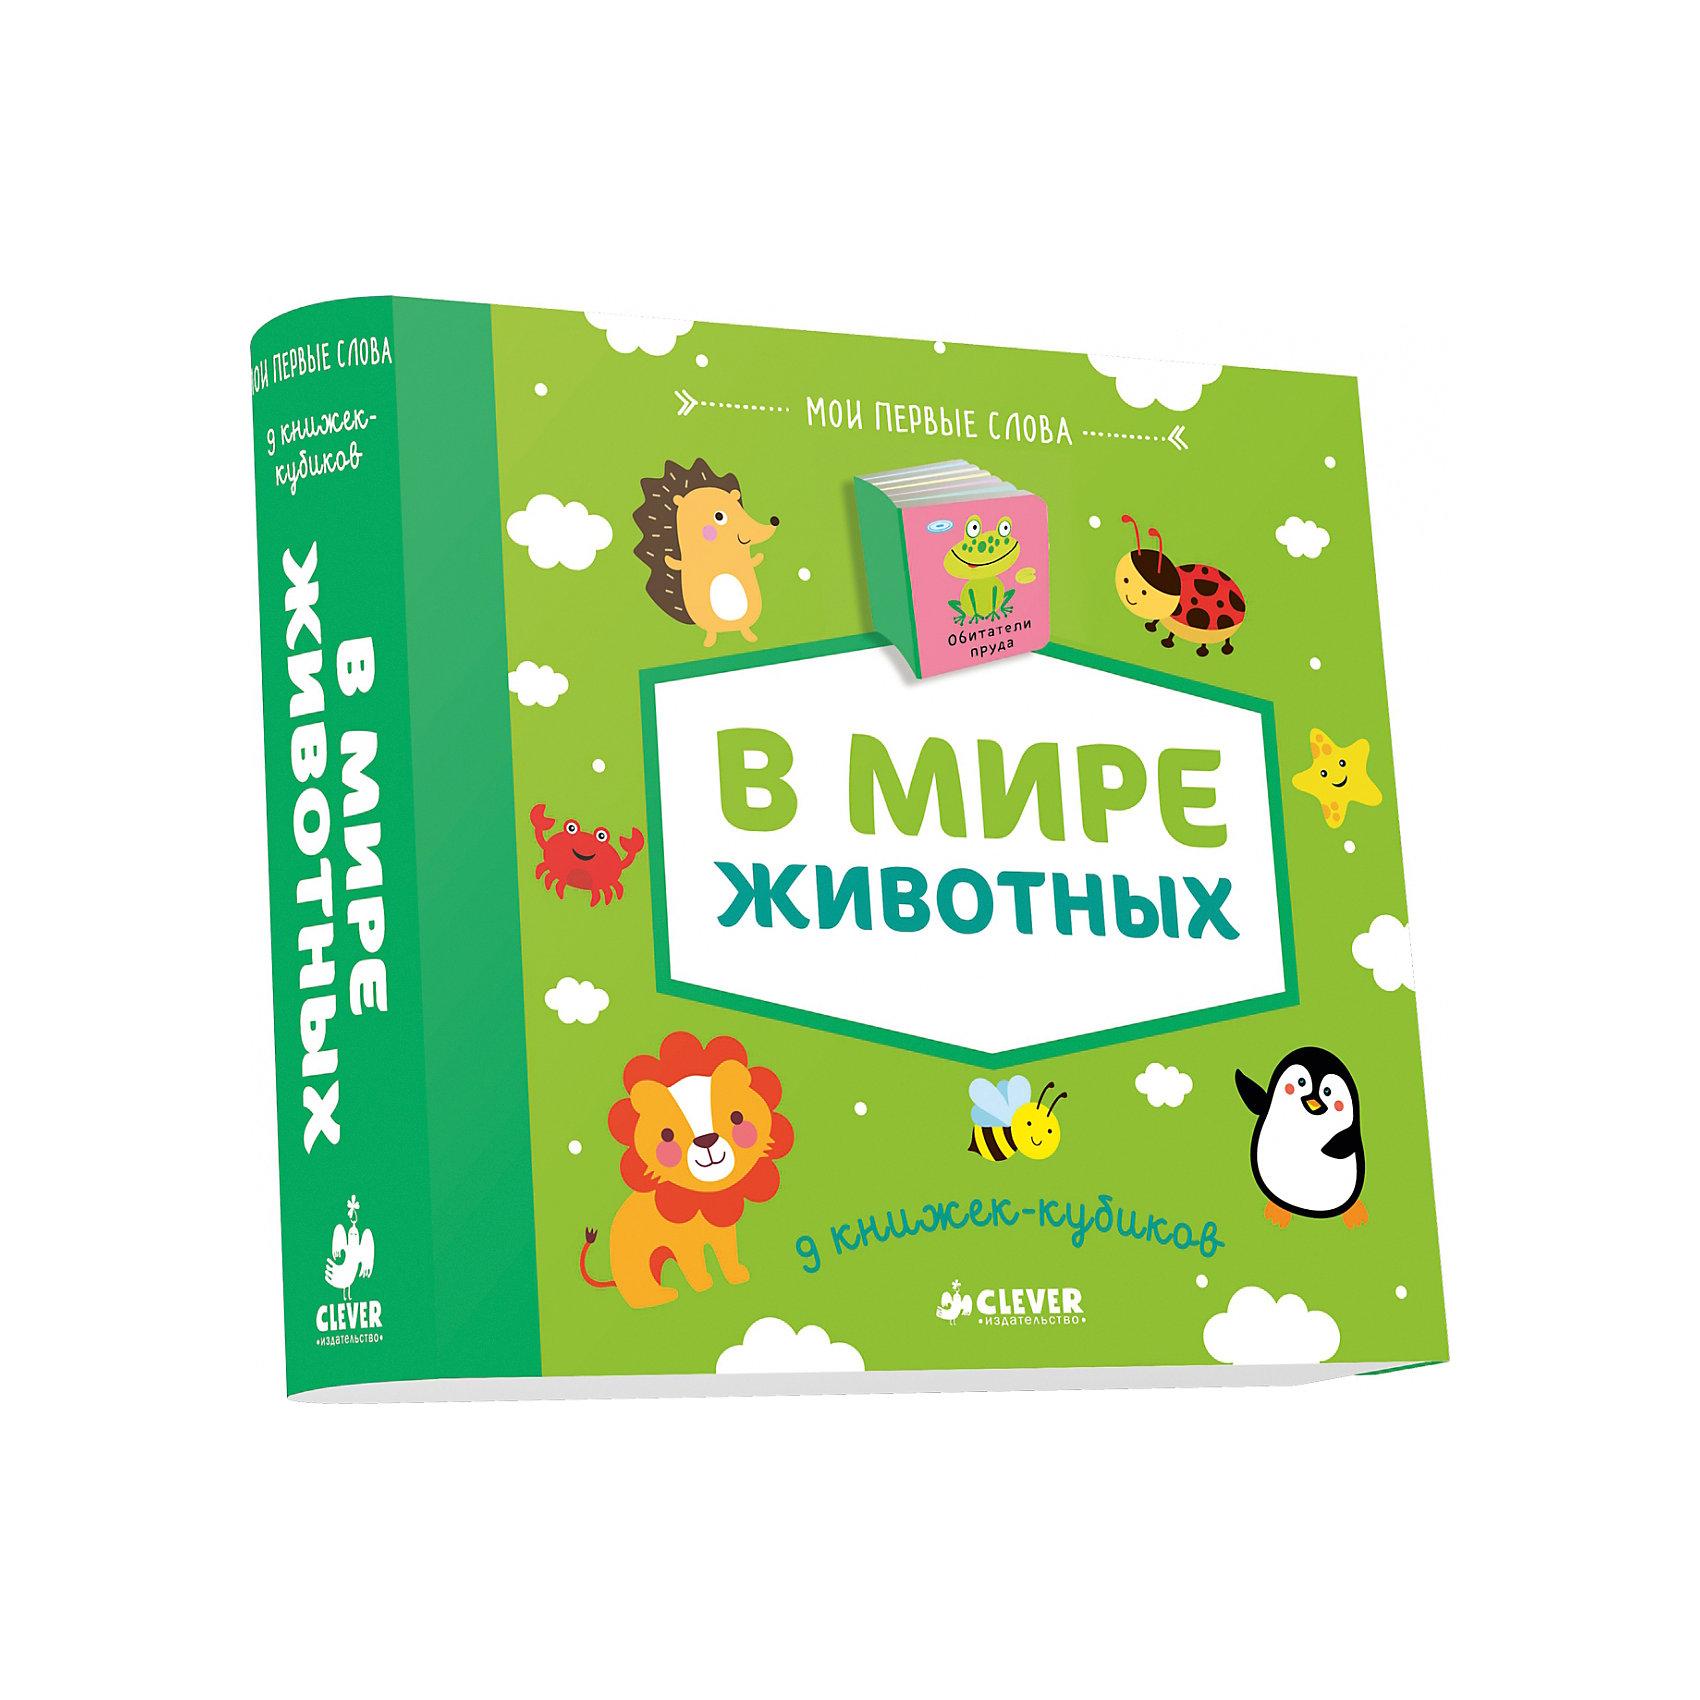 9 книжек-кубиков В мире животных, Мои первые словаТворчество для малышей<br>Характеристики 9 книжек-кубиков В мире животных, Мои первые слова:<br><br>• возраст от: до 36 месяцев<br>• пол: для мальчиков и девочек<br>• комплект: 9 книг.<br>• материал: картон.<br>• количество страниц: 10.<br>• страницы: плотный картон<br>• размер: 16х18х3 см <br>• вес: 539 г<br>• упаковка: картонная коробка.<br>• общее количество страниц: 90<br>• тип обложки: твердая.<br>• иллюстрации: цветные.<br>• иллюстраторы: Келькина Е. Жиренкина, Е. Корчемкина.<br>• бренд: Издательство Clever<br>• страна происхождения: Россия.<br><br>Набор книжек-кубиков В мире животных из серии Мои первые слова позволит малышу расширить свой запас слов. Комплект состоит из 9 маленьких книжек на следующие темы: Лесные животные, Животные зоопарка, Домашние животные, Обитатели морей, Птицы, Обитатели пруда, Животные фермы, Насекомые и Детеныши животных. Благодаря такому большому и обширному набору, ребенок сможет ознакомиться с основными представителями фауны, а также классифицировать их по основным группам.<br><br>9 книжек-кубиков В мире животных, Мои первые слова можно купить в нашем интернет-магазине.<br><br>Ширина мм: 160<br>Глубина мм: 180<br>Высота мм: 30<br>Вес г: 553<br>Возраст от месяцев: 0<br>Возраст до месяцев: 36<br>Пол: Унисекс<br>Возраст: Детский<br>SKU: 5377798